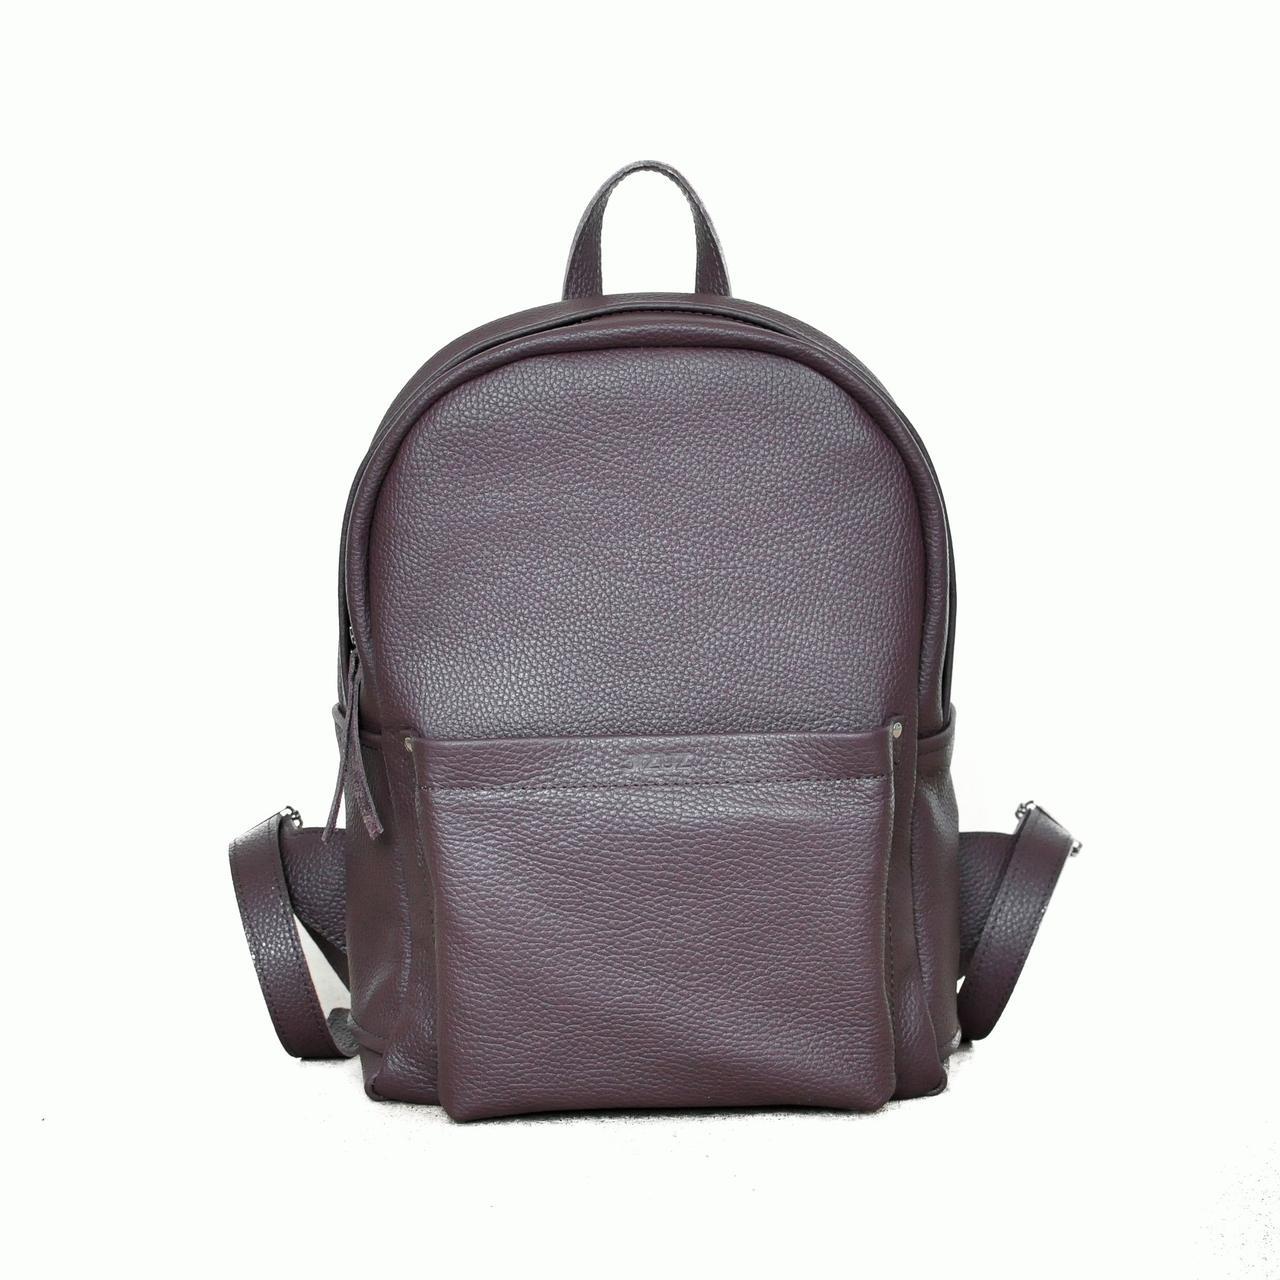 aa55355c Рюкзак Jizuz B283711 кожаный Бордовый - Интернет-магазин